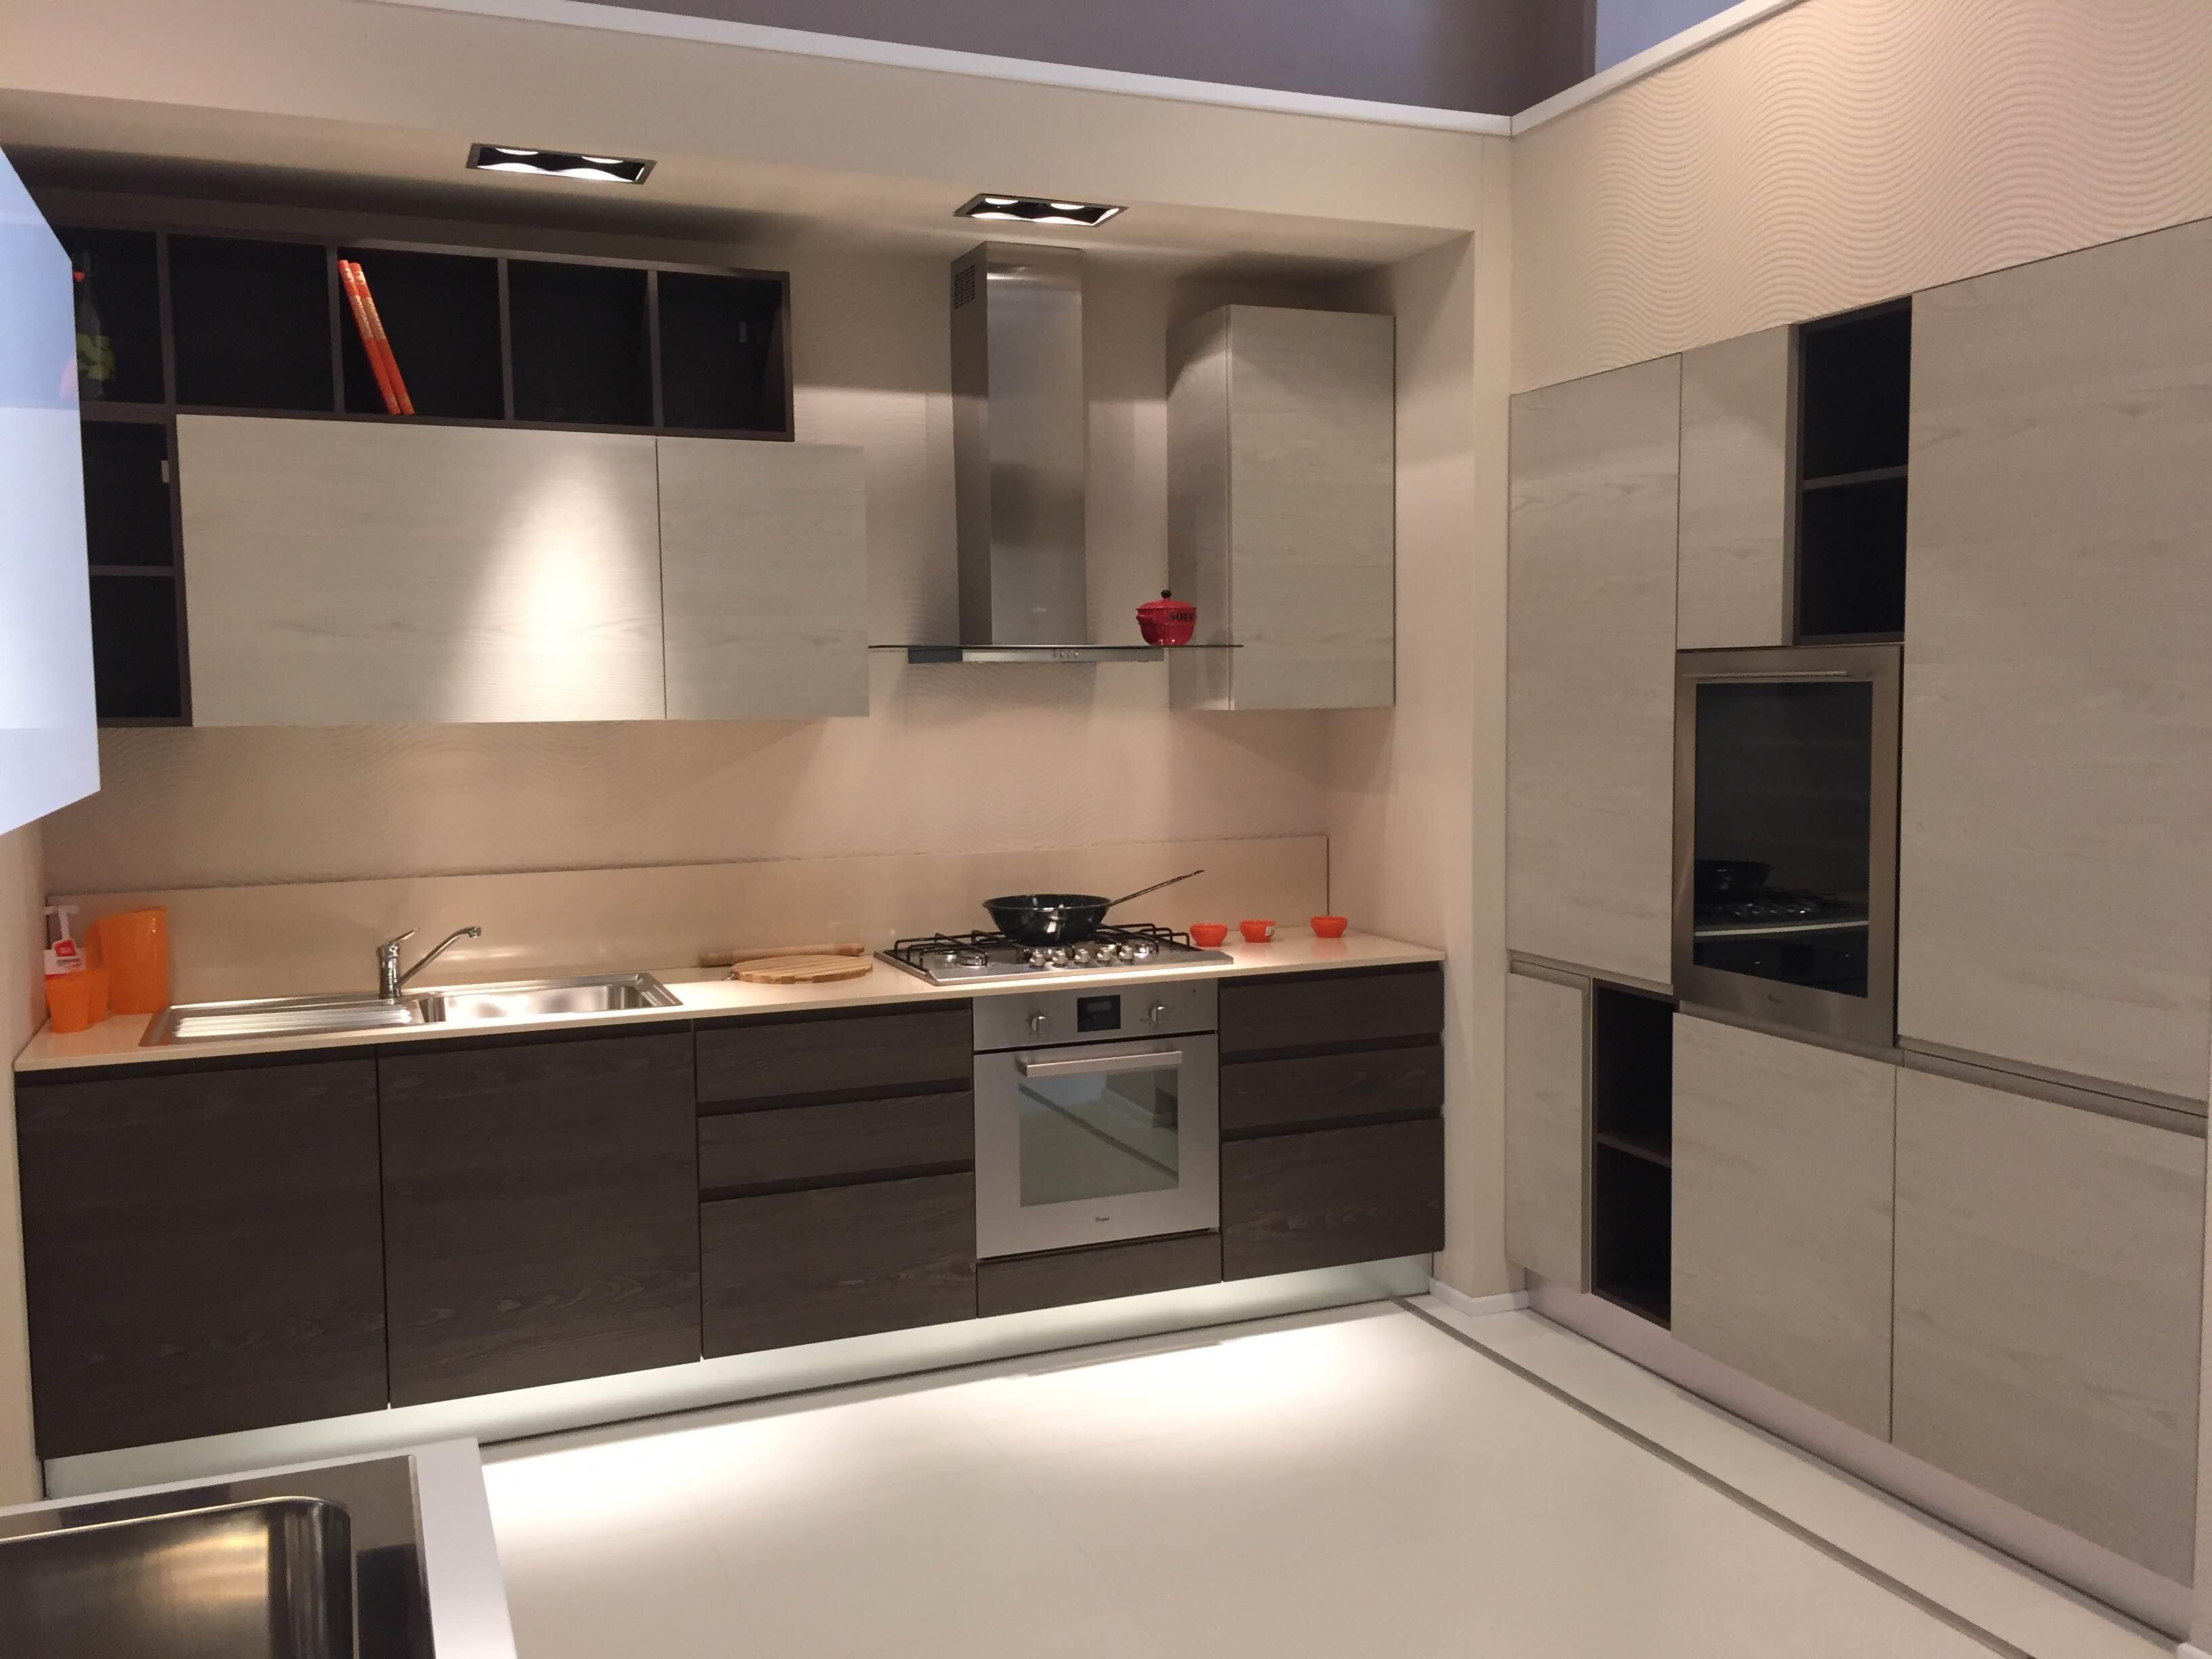 Cucine arrex prezzi idee per il design della casa - Cucine arrex opinioni ...